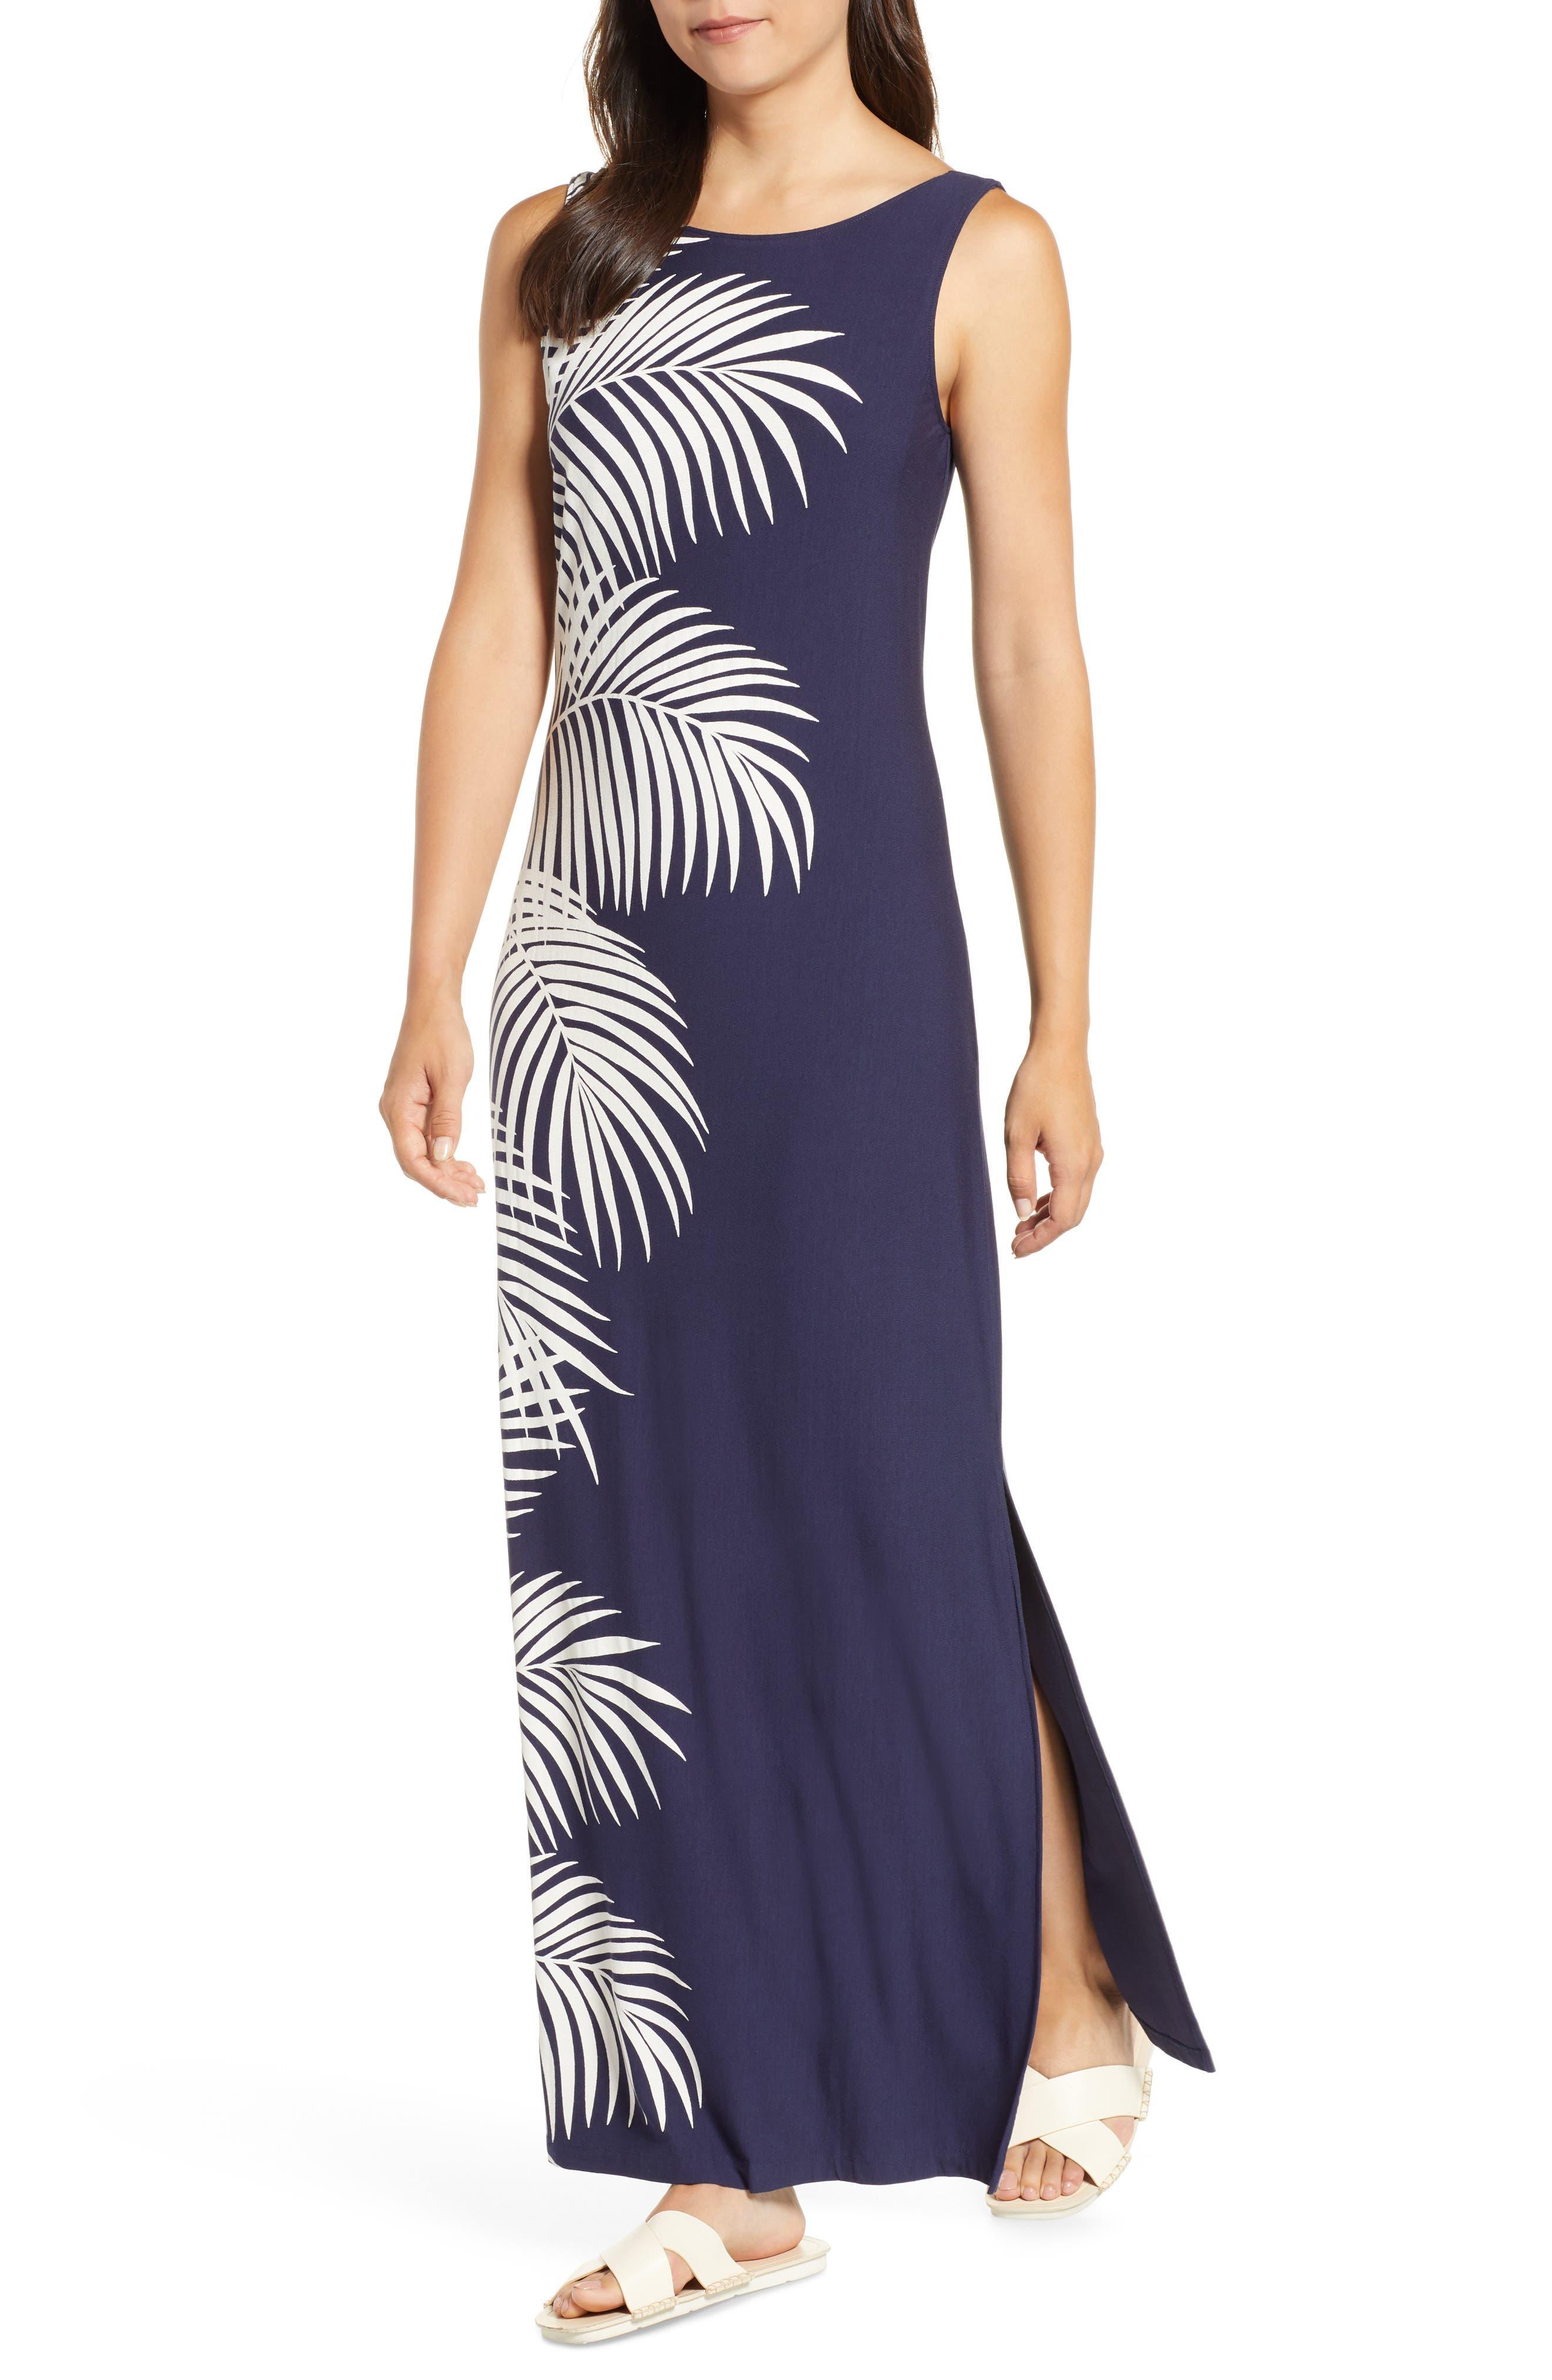 Gentlemen Prefer Fronds Maxi Dress,                         Main,                         color, OCEAN DEEP